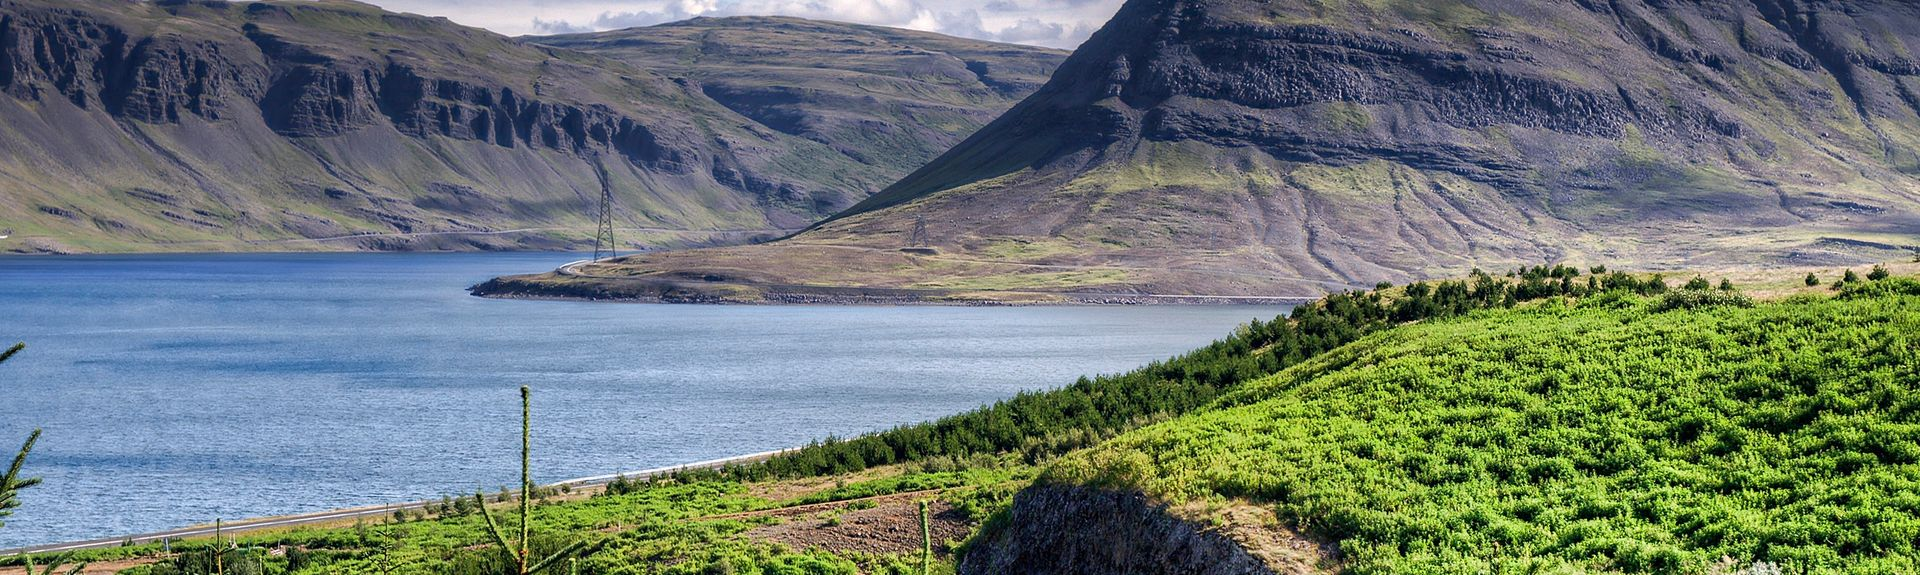 Kjósarhreppur, Hauptstadtregion, Island